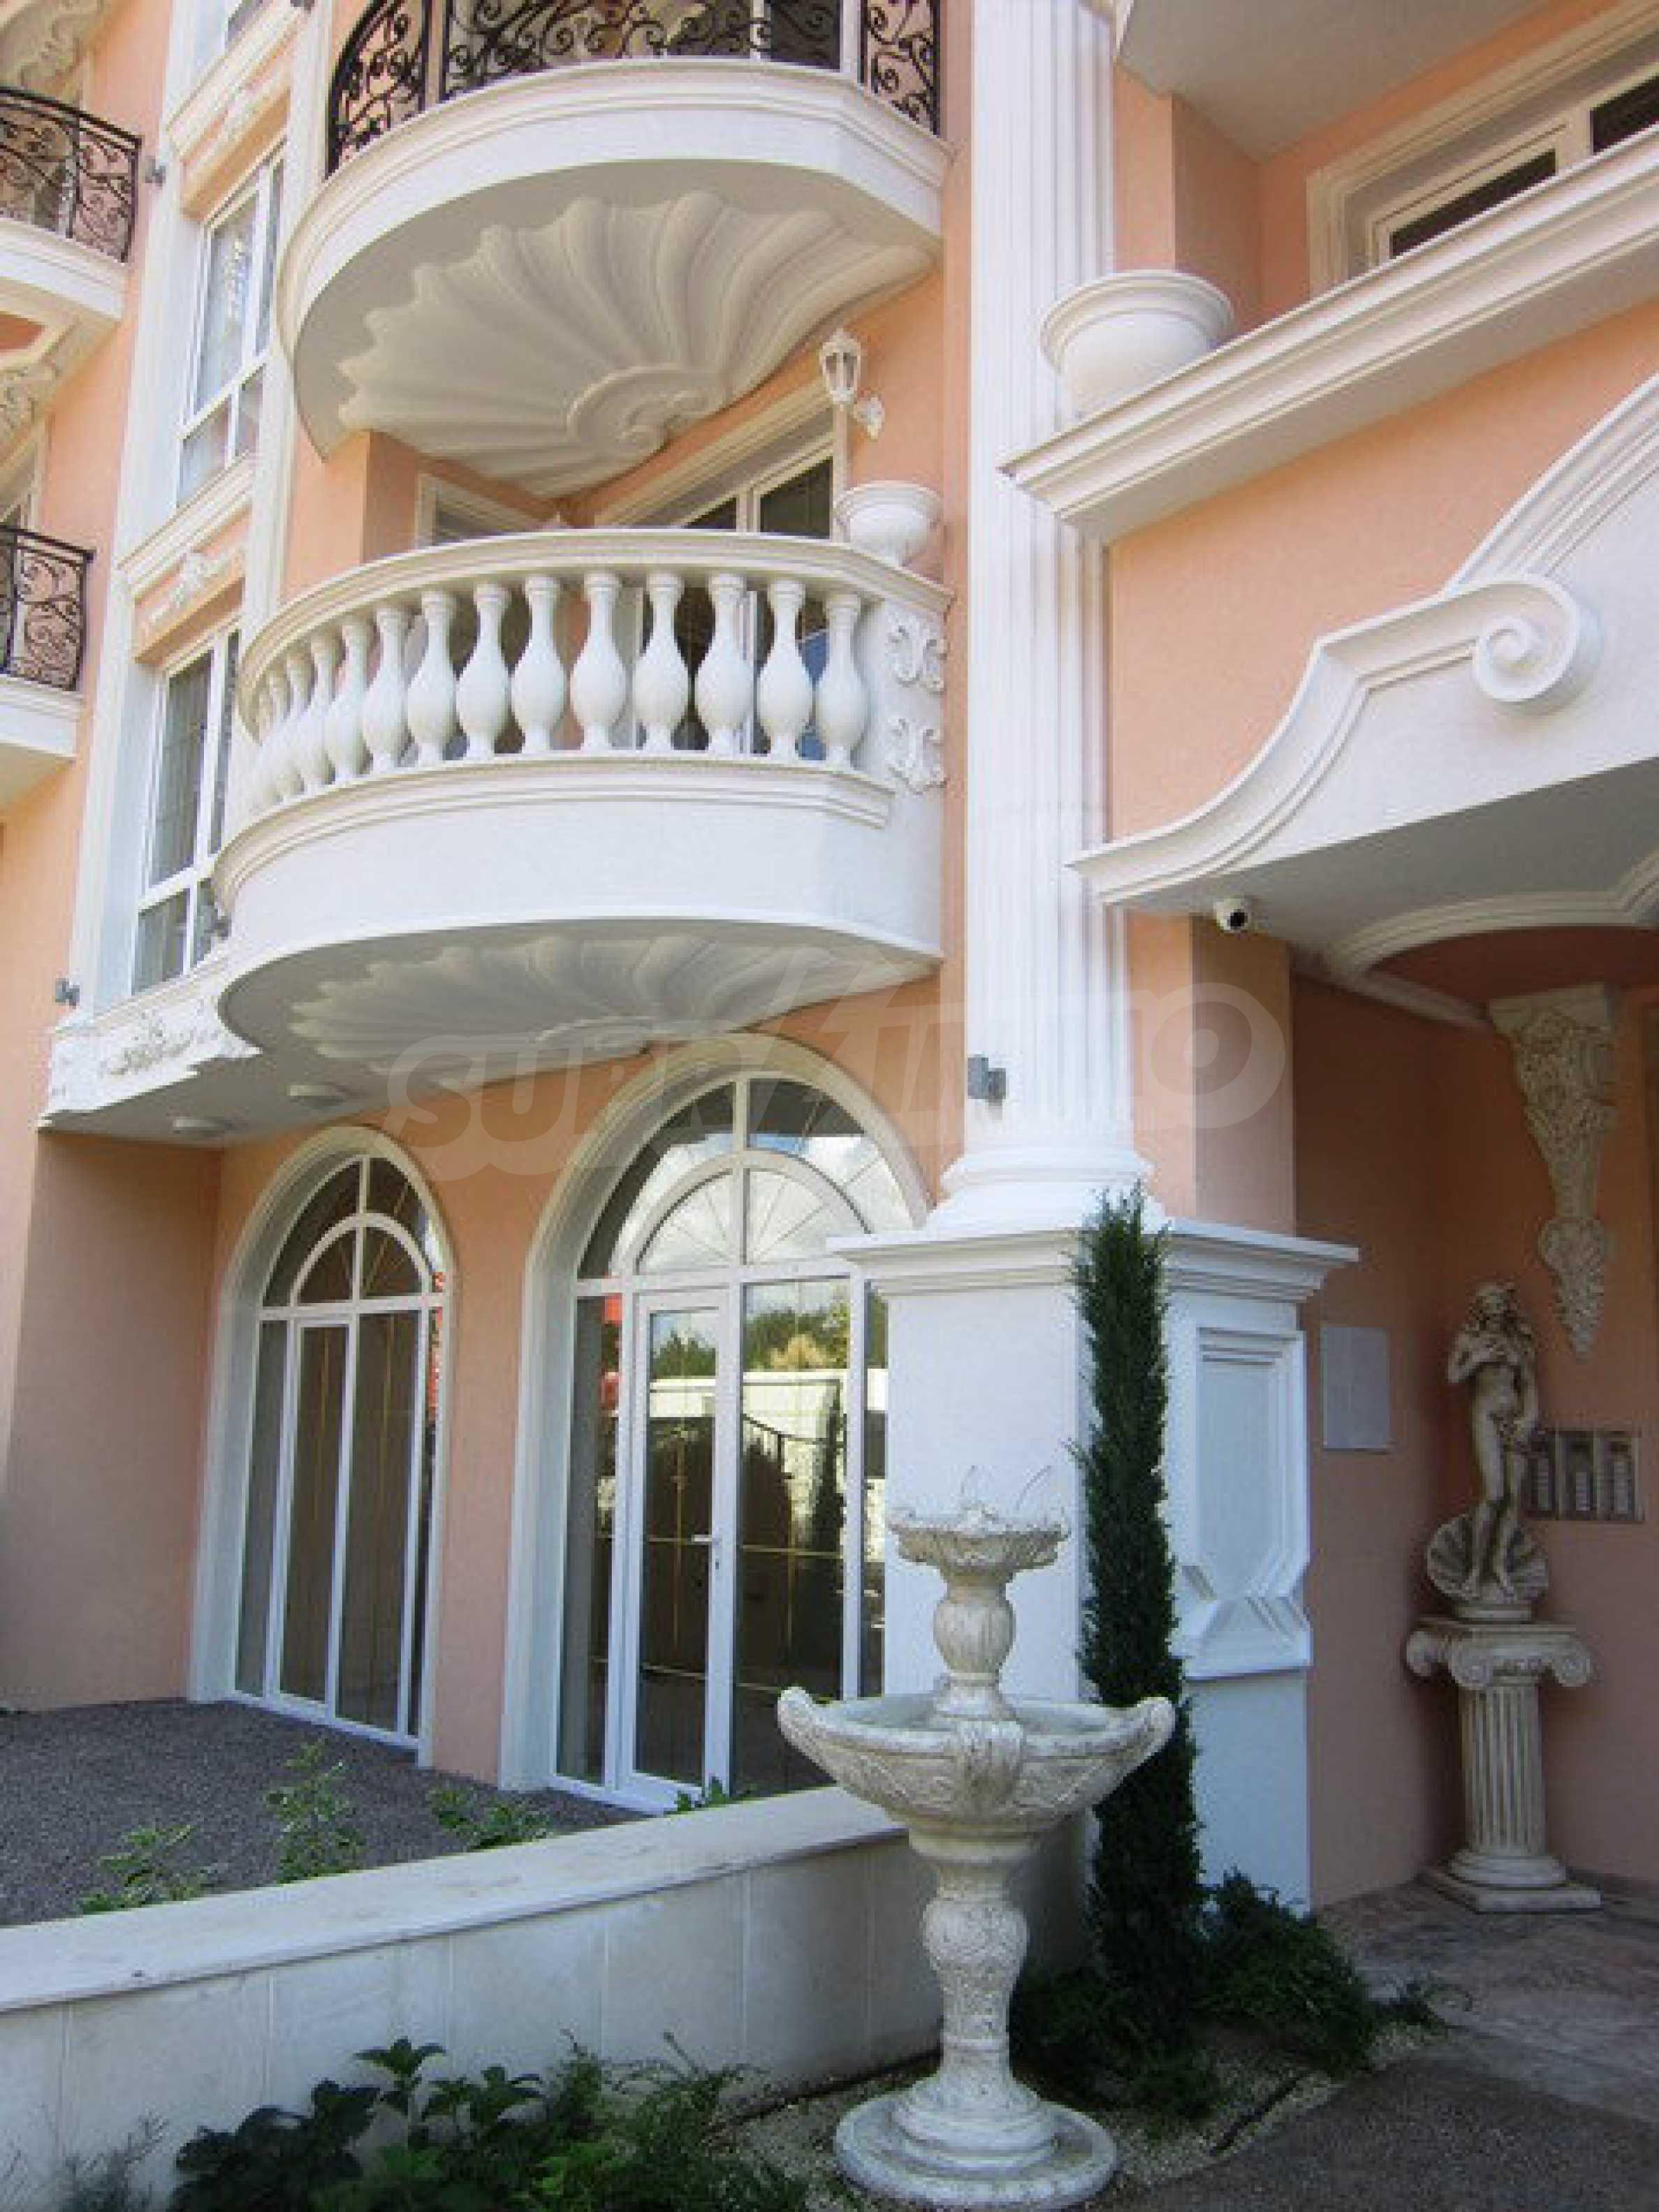 Dawn Park Royal Venera Palace 61